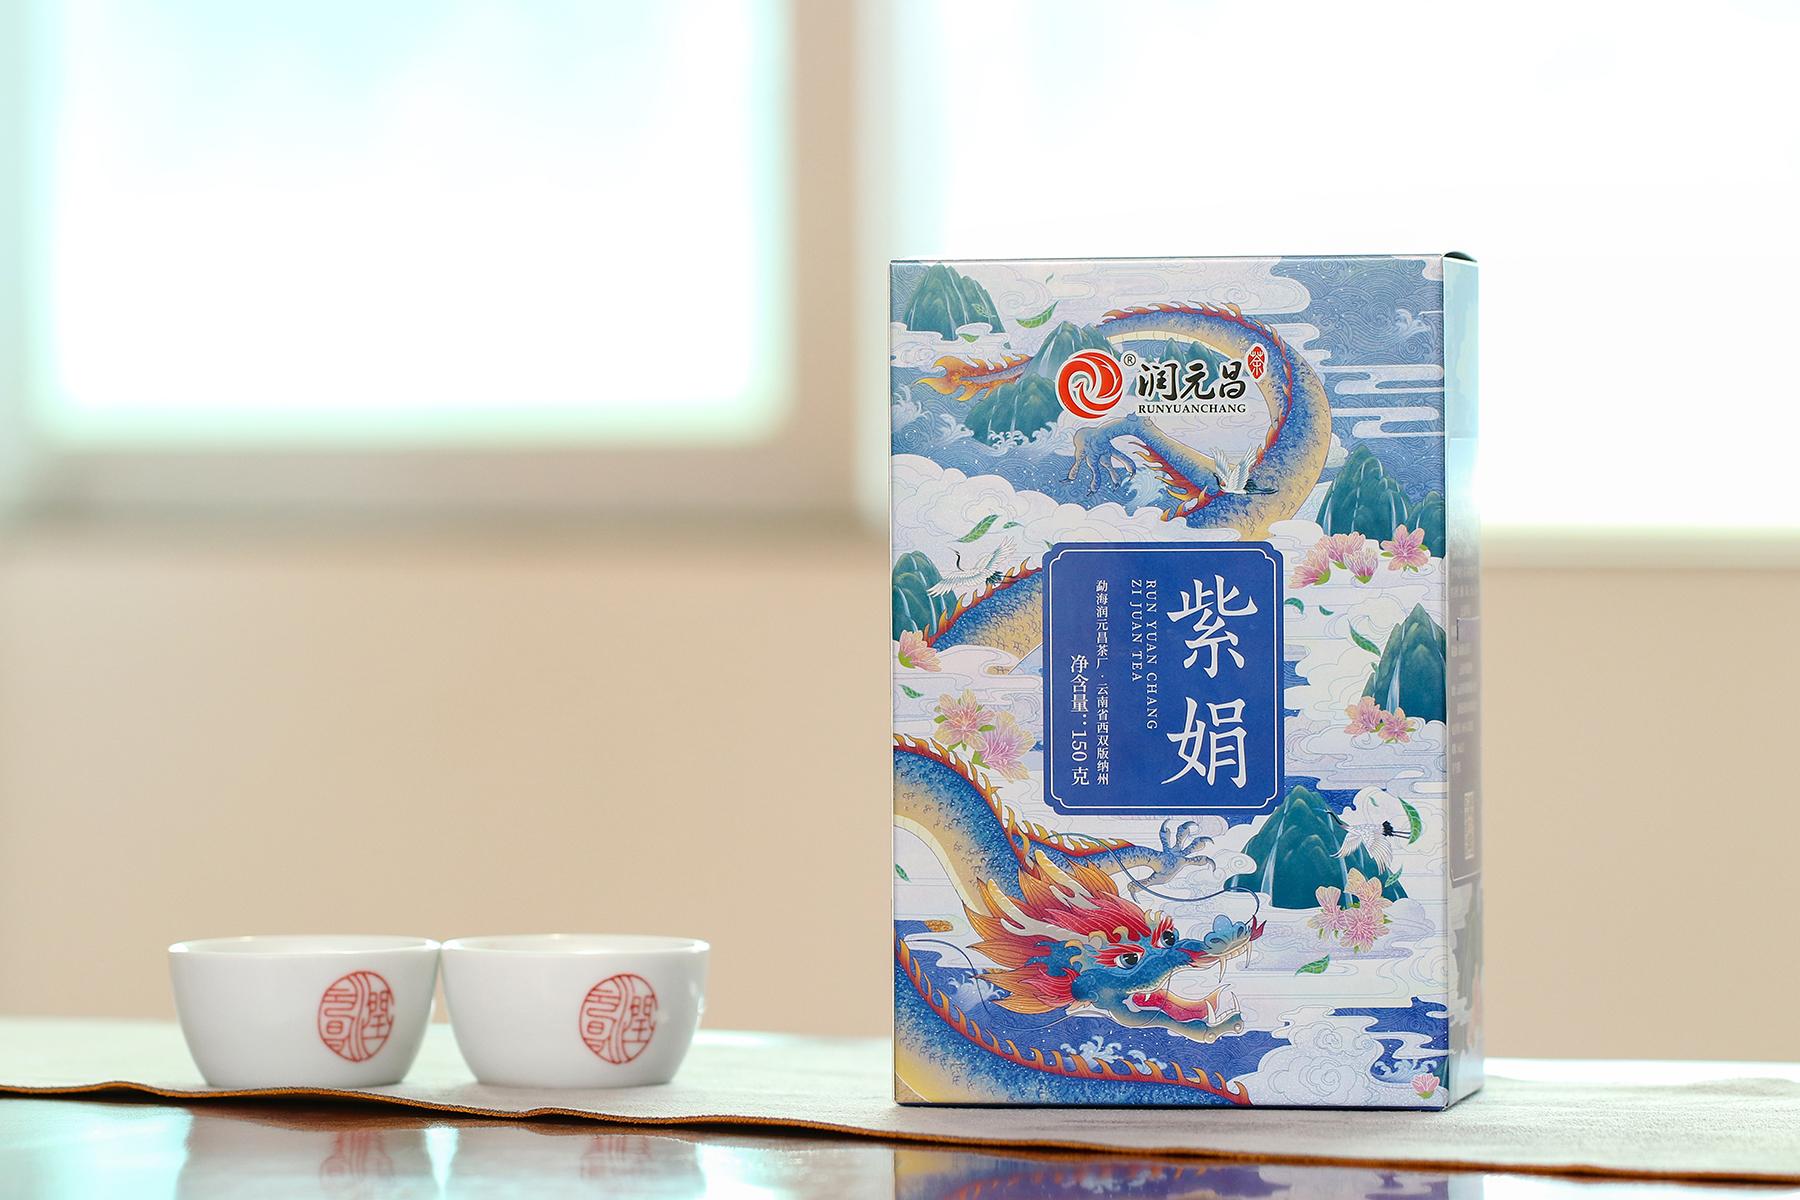 紫娟普洱散茶价格多少钱